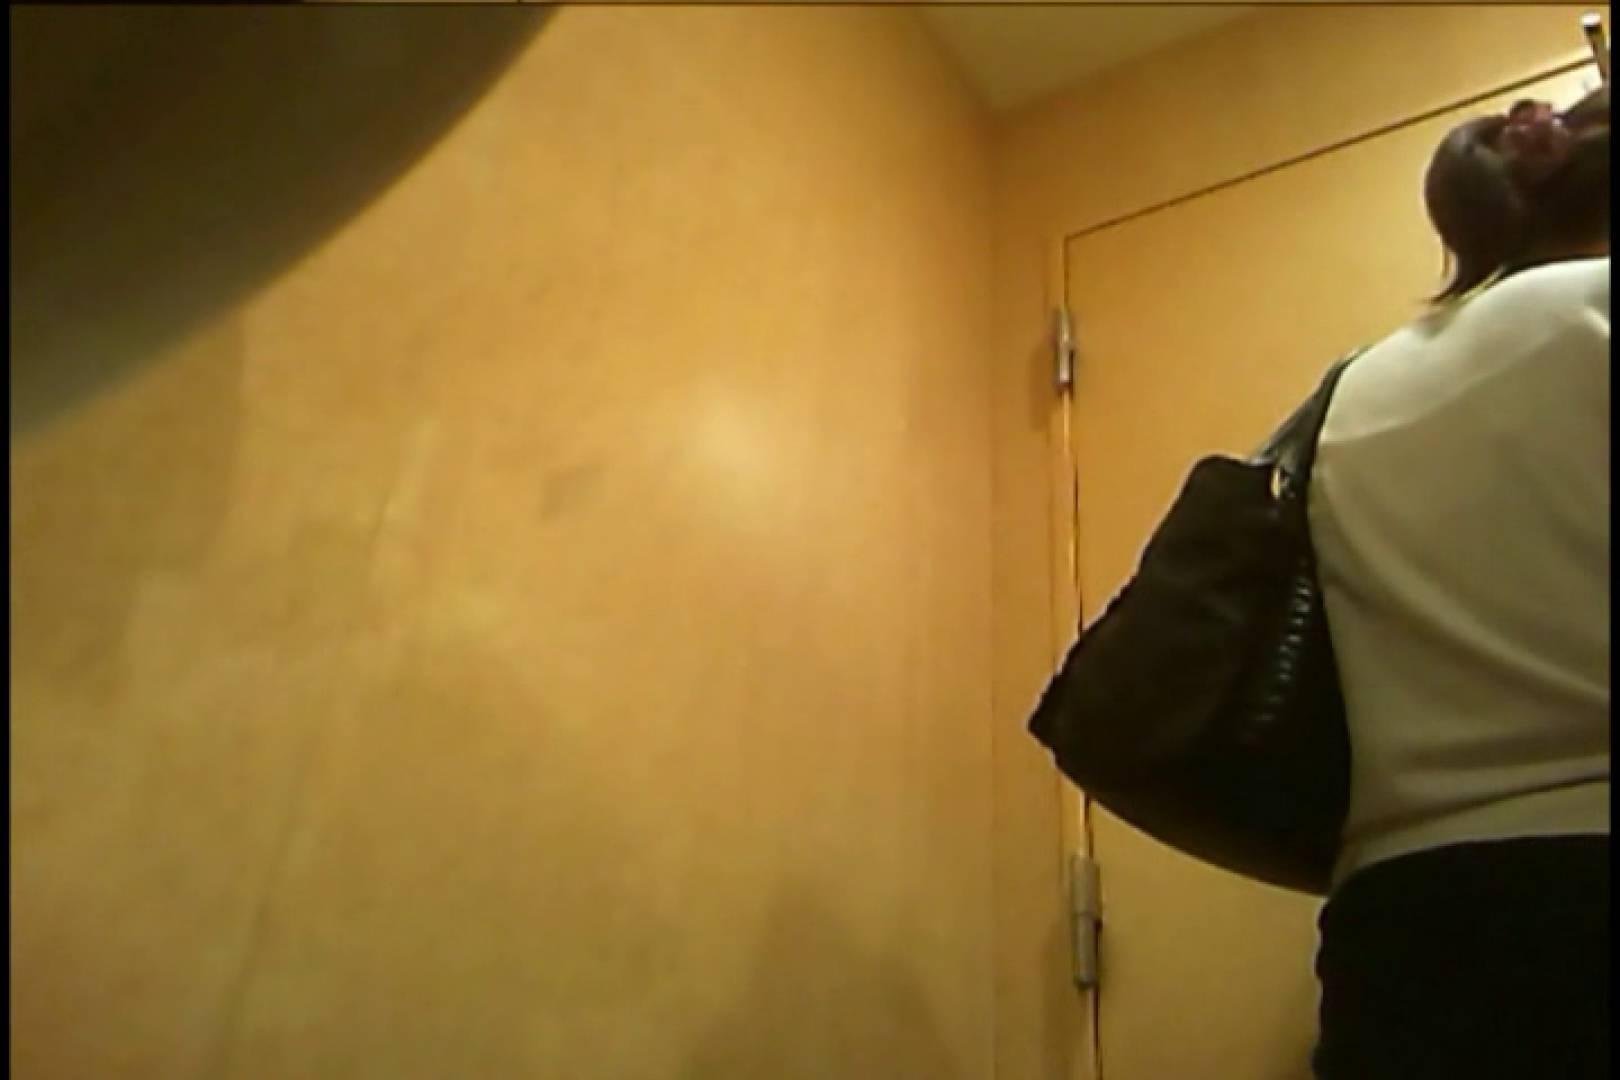 画質向上!新亀さん厠 vol.81 美しいOLの裸体 おまんこ動画流出 91pic 68